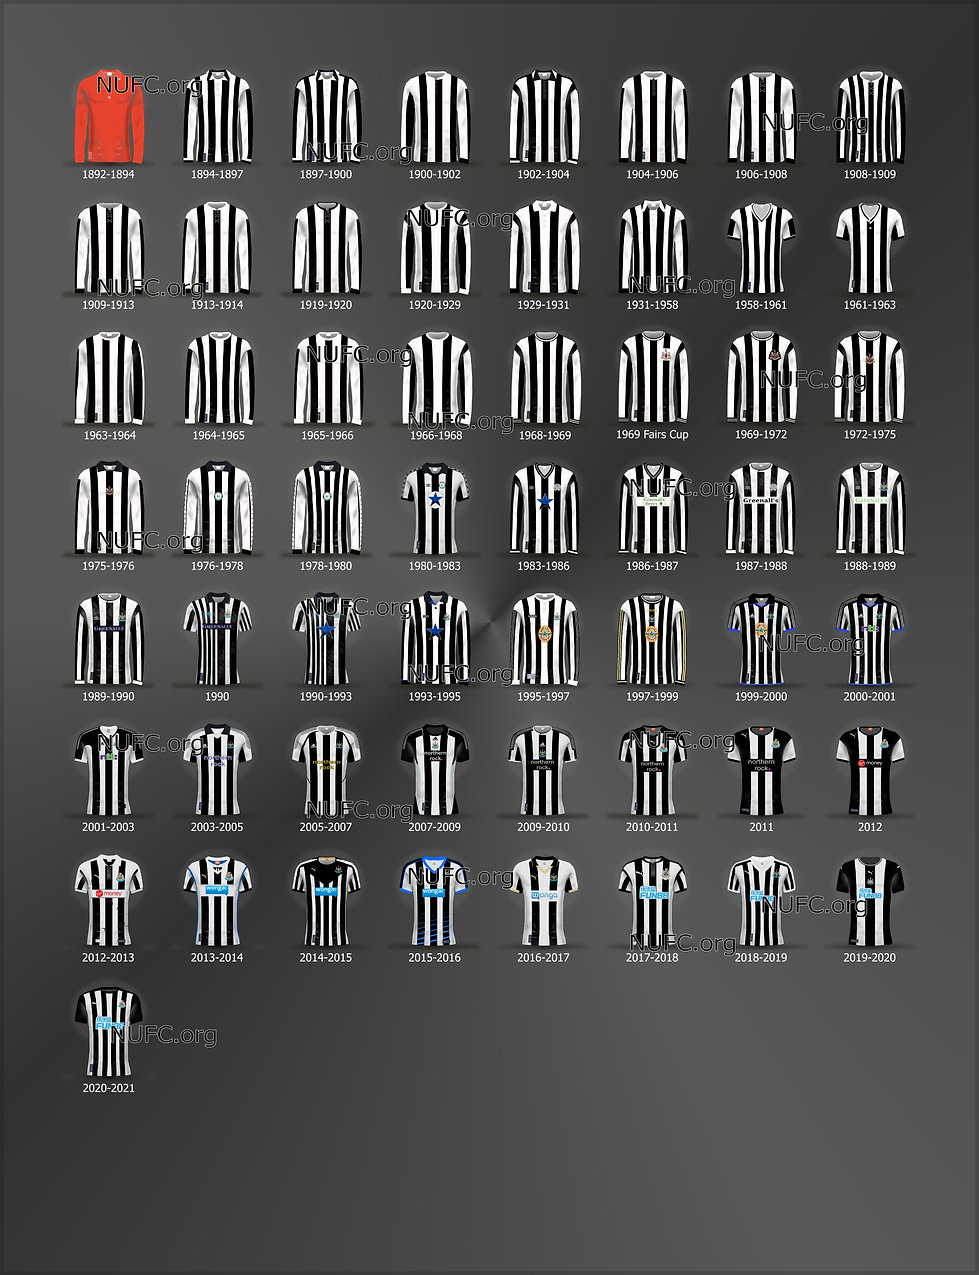 NUFC Shirts 2021 (watermark).jpg